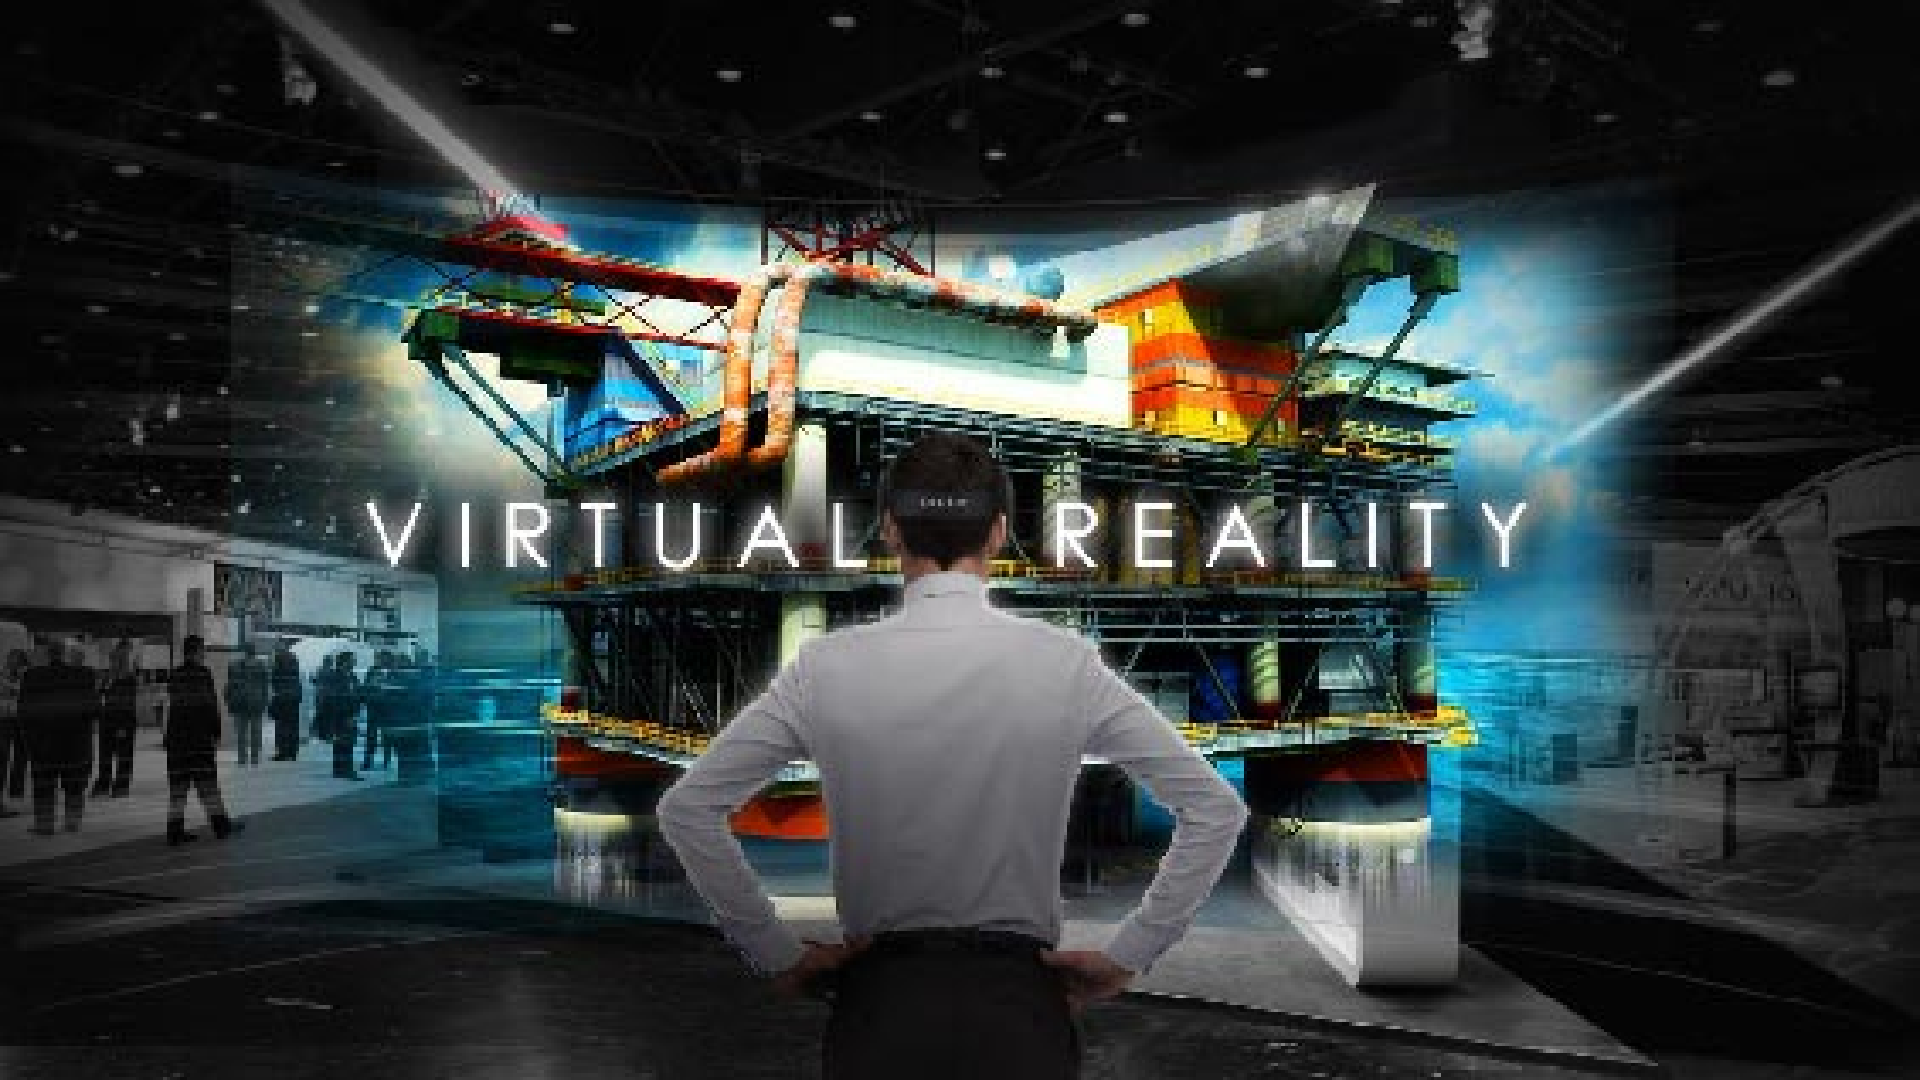 واقعیت مجازی و واقعیت افزوده آینده ما را میسازند | فیلم